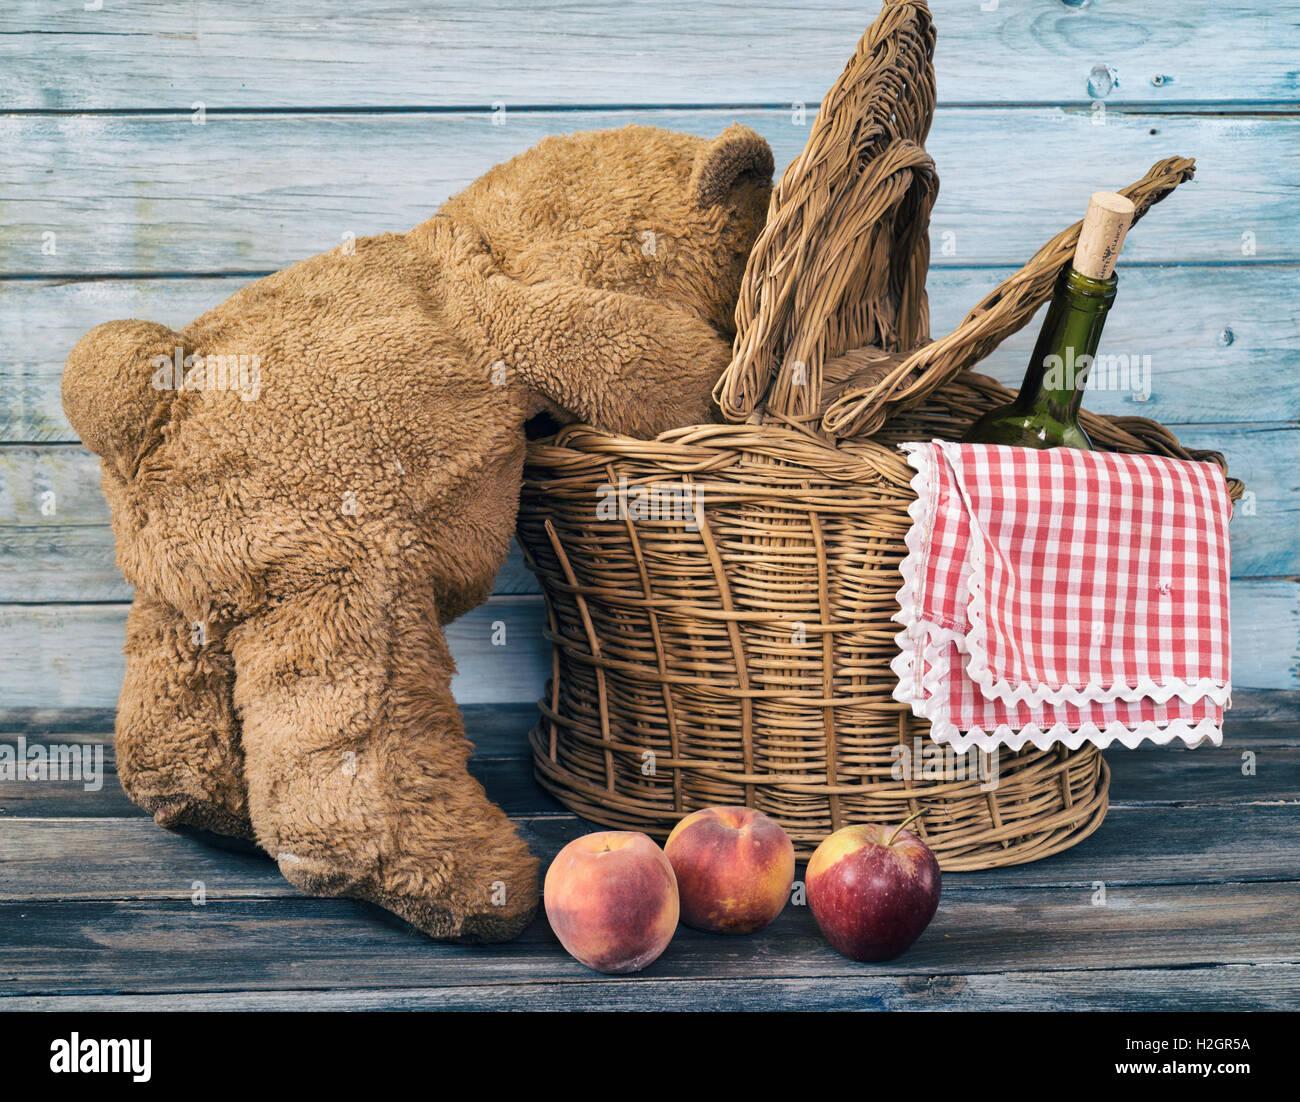 Le snooping ours à l'intérieur d'un panier de pique-nique Photo Stock